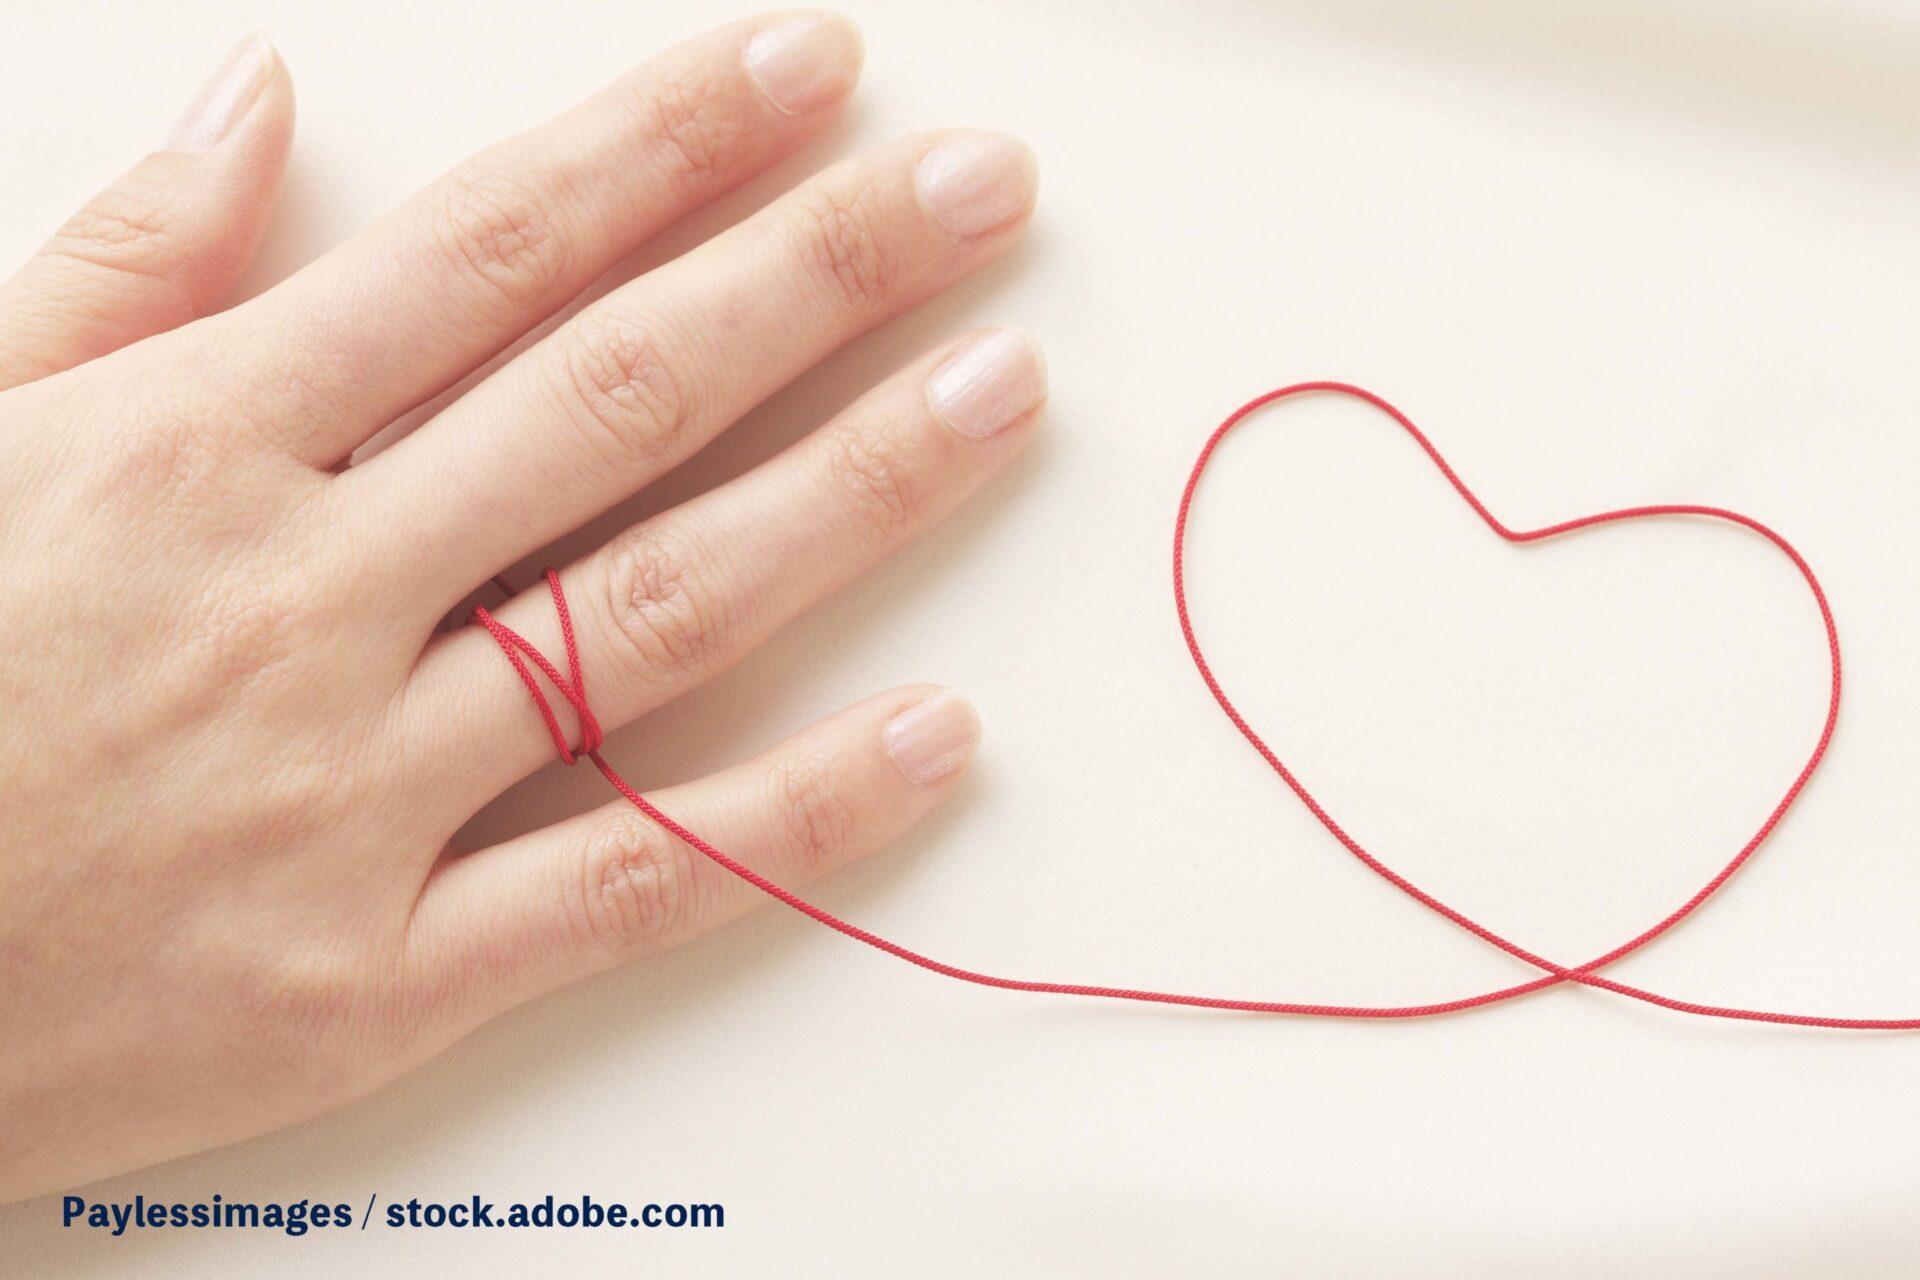 【噂の真相】薬指が長い女性は不妊になりやすい